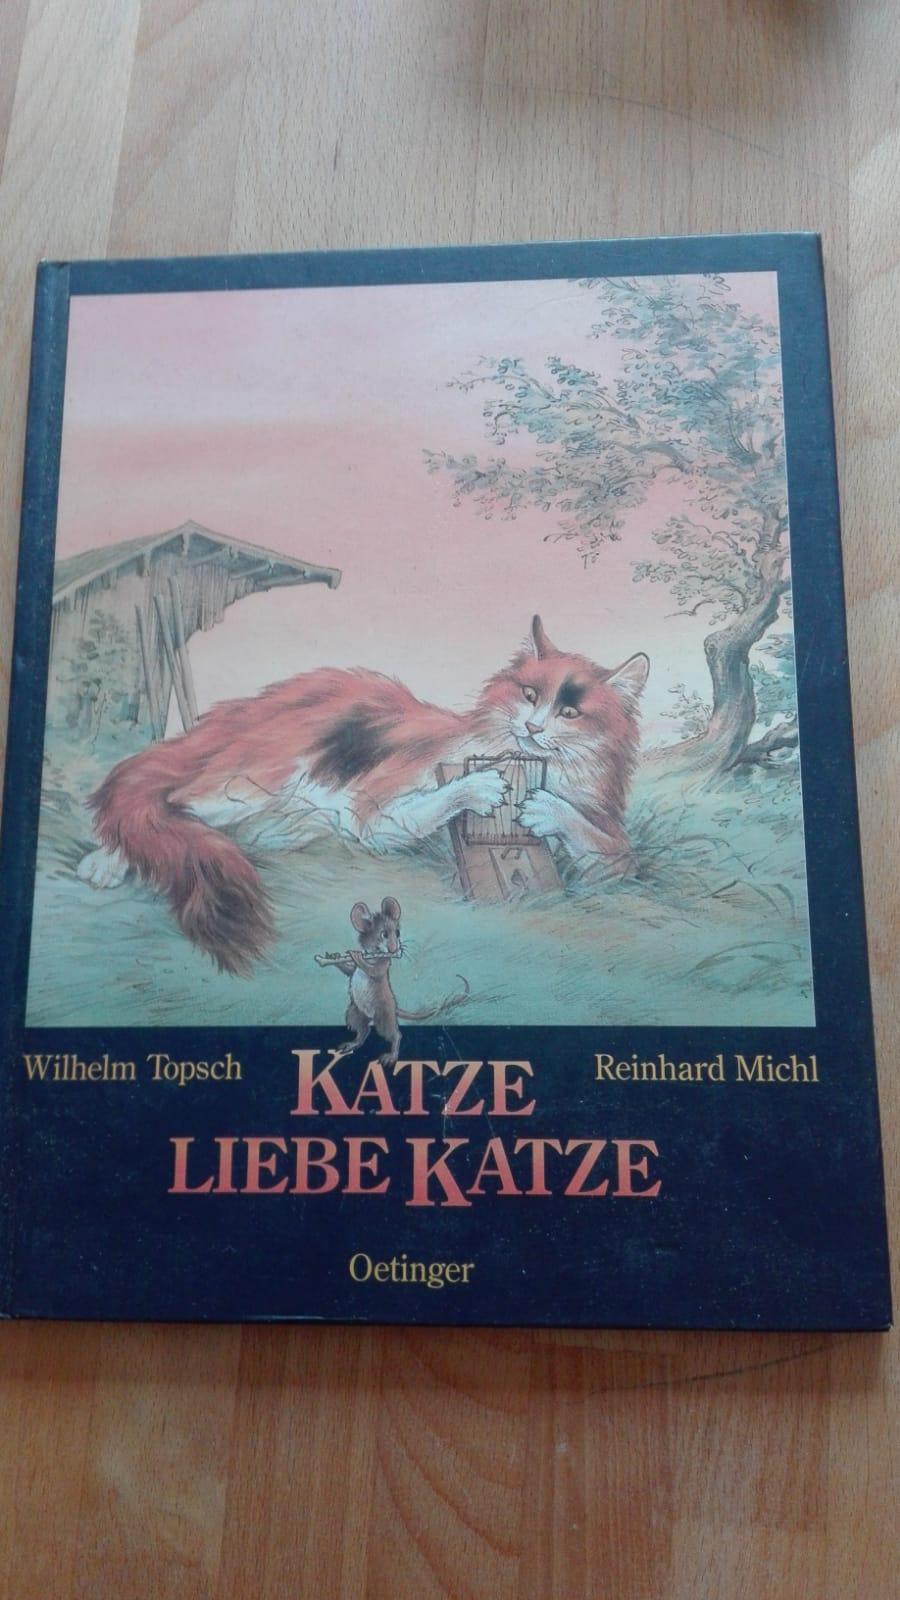 Katze, liebe Katze - Lesebuch tauschen